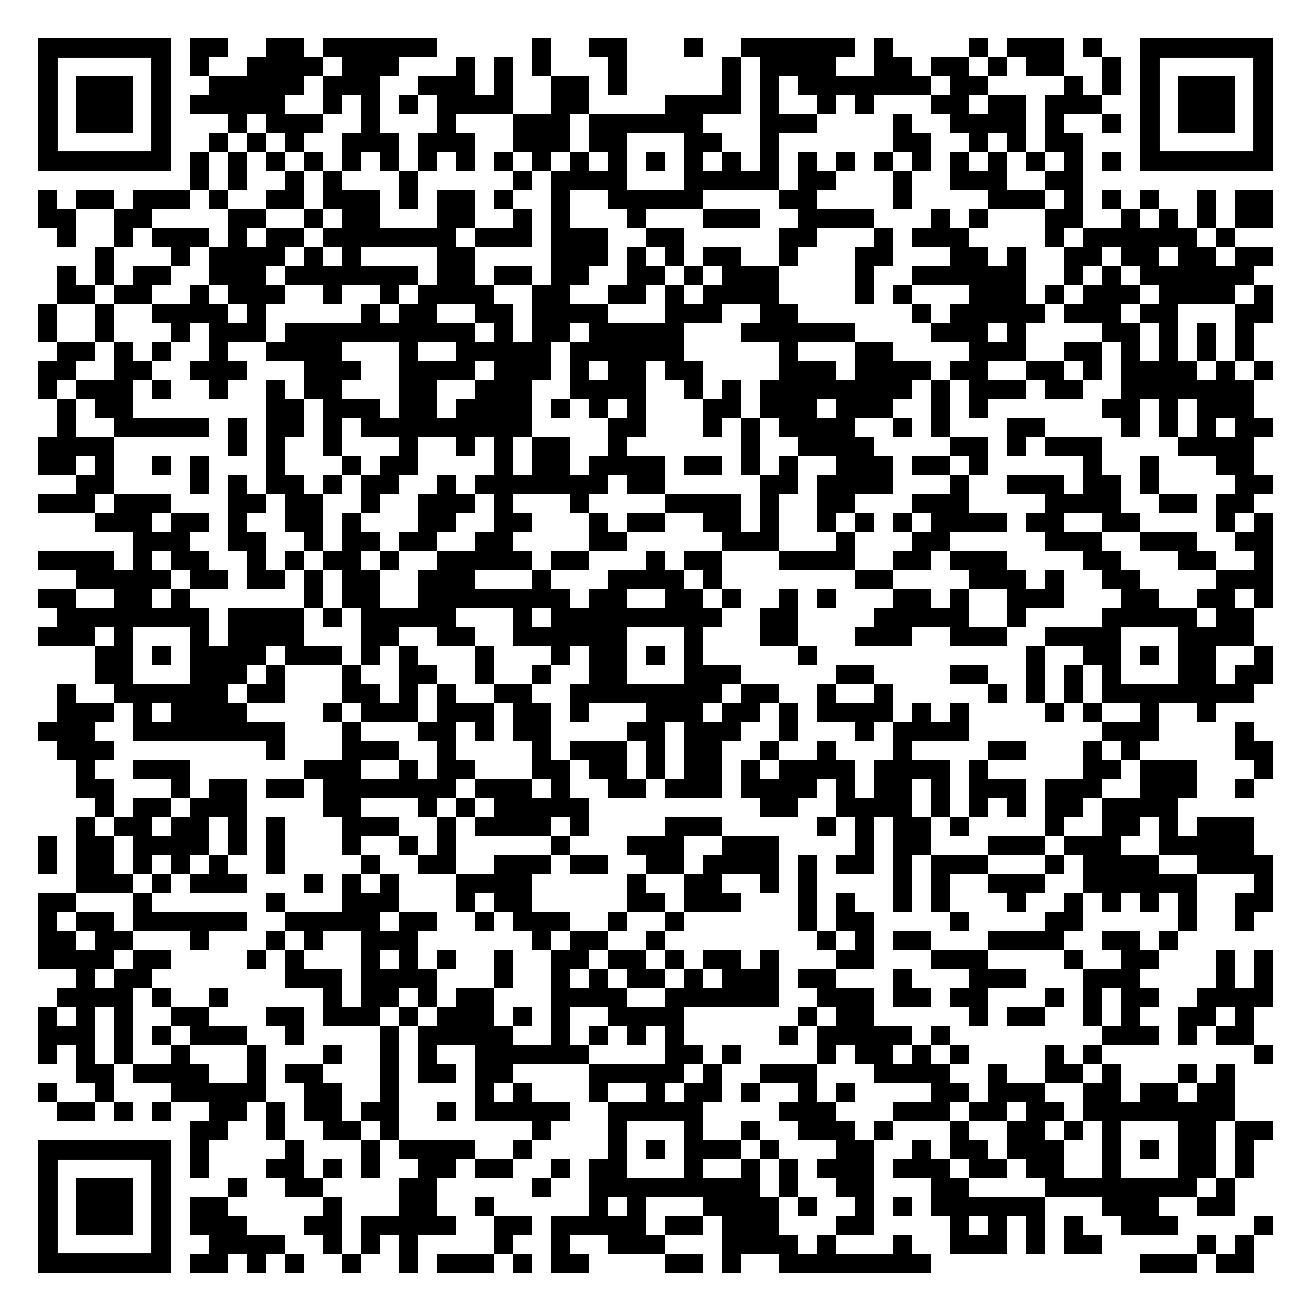 QR-Code für Kontaktdaten zum einscannen